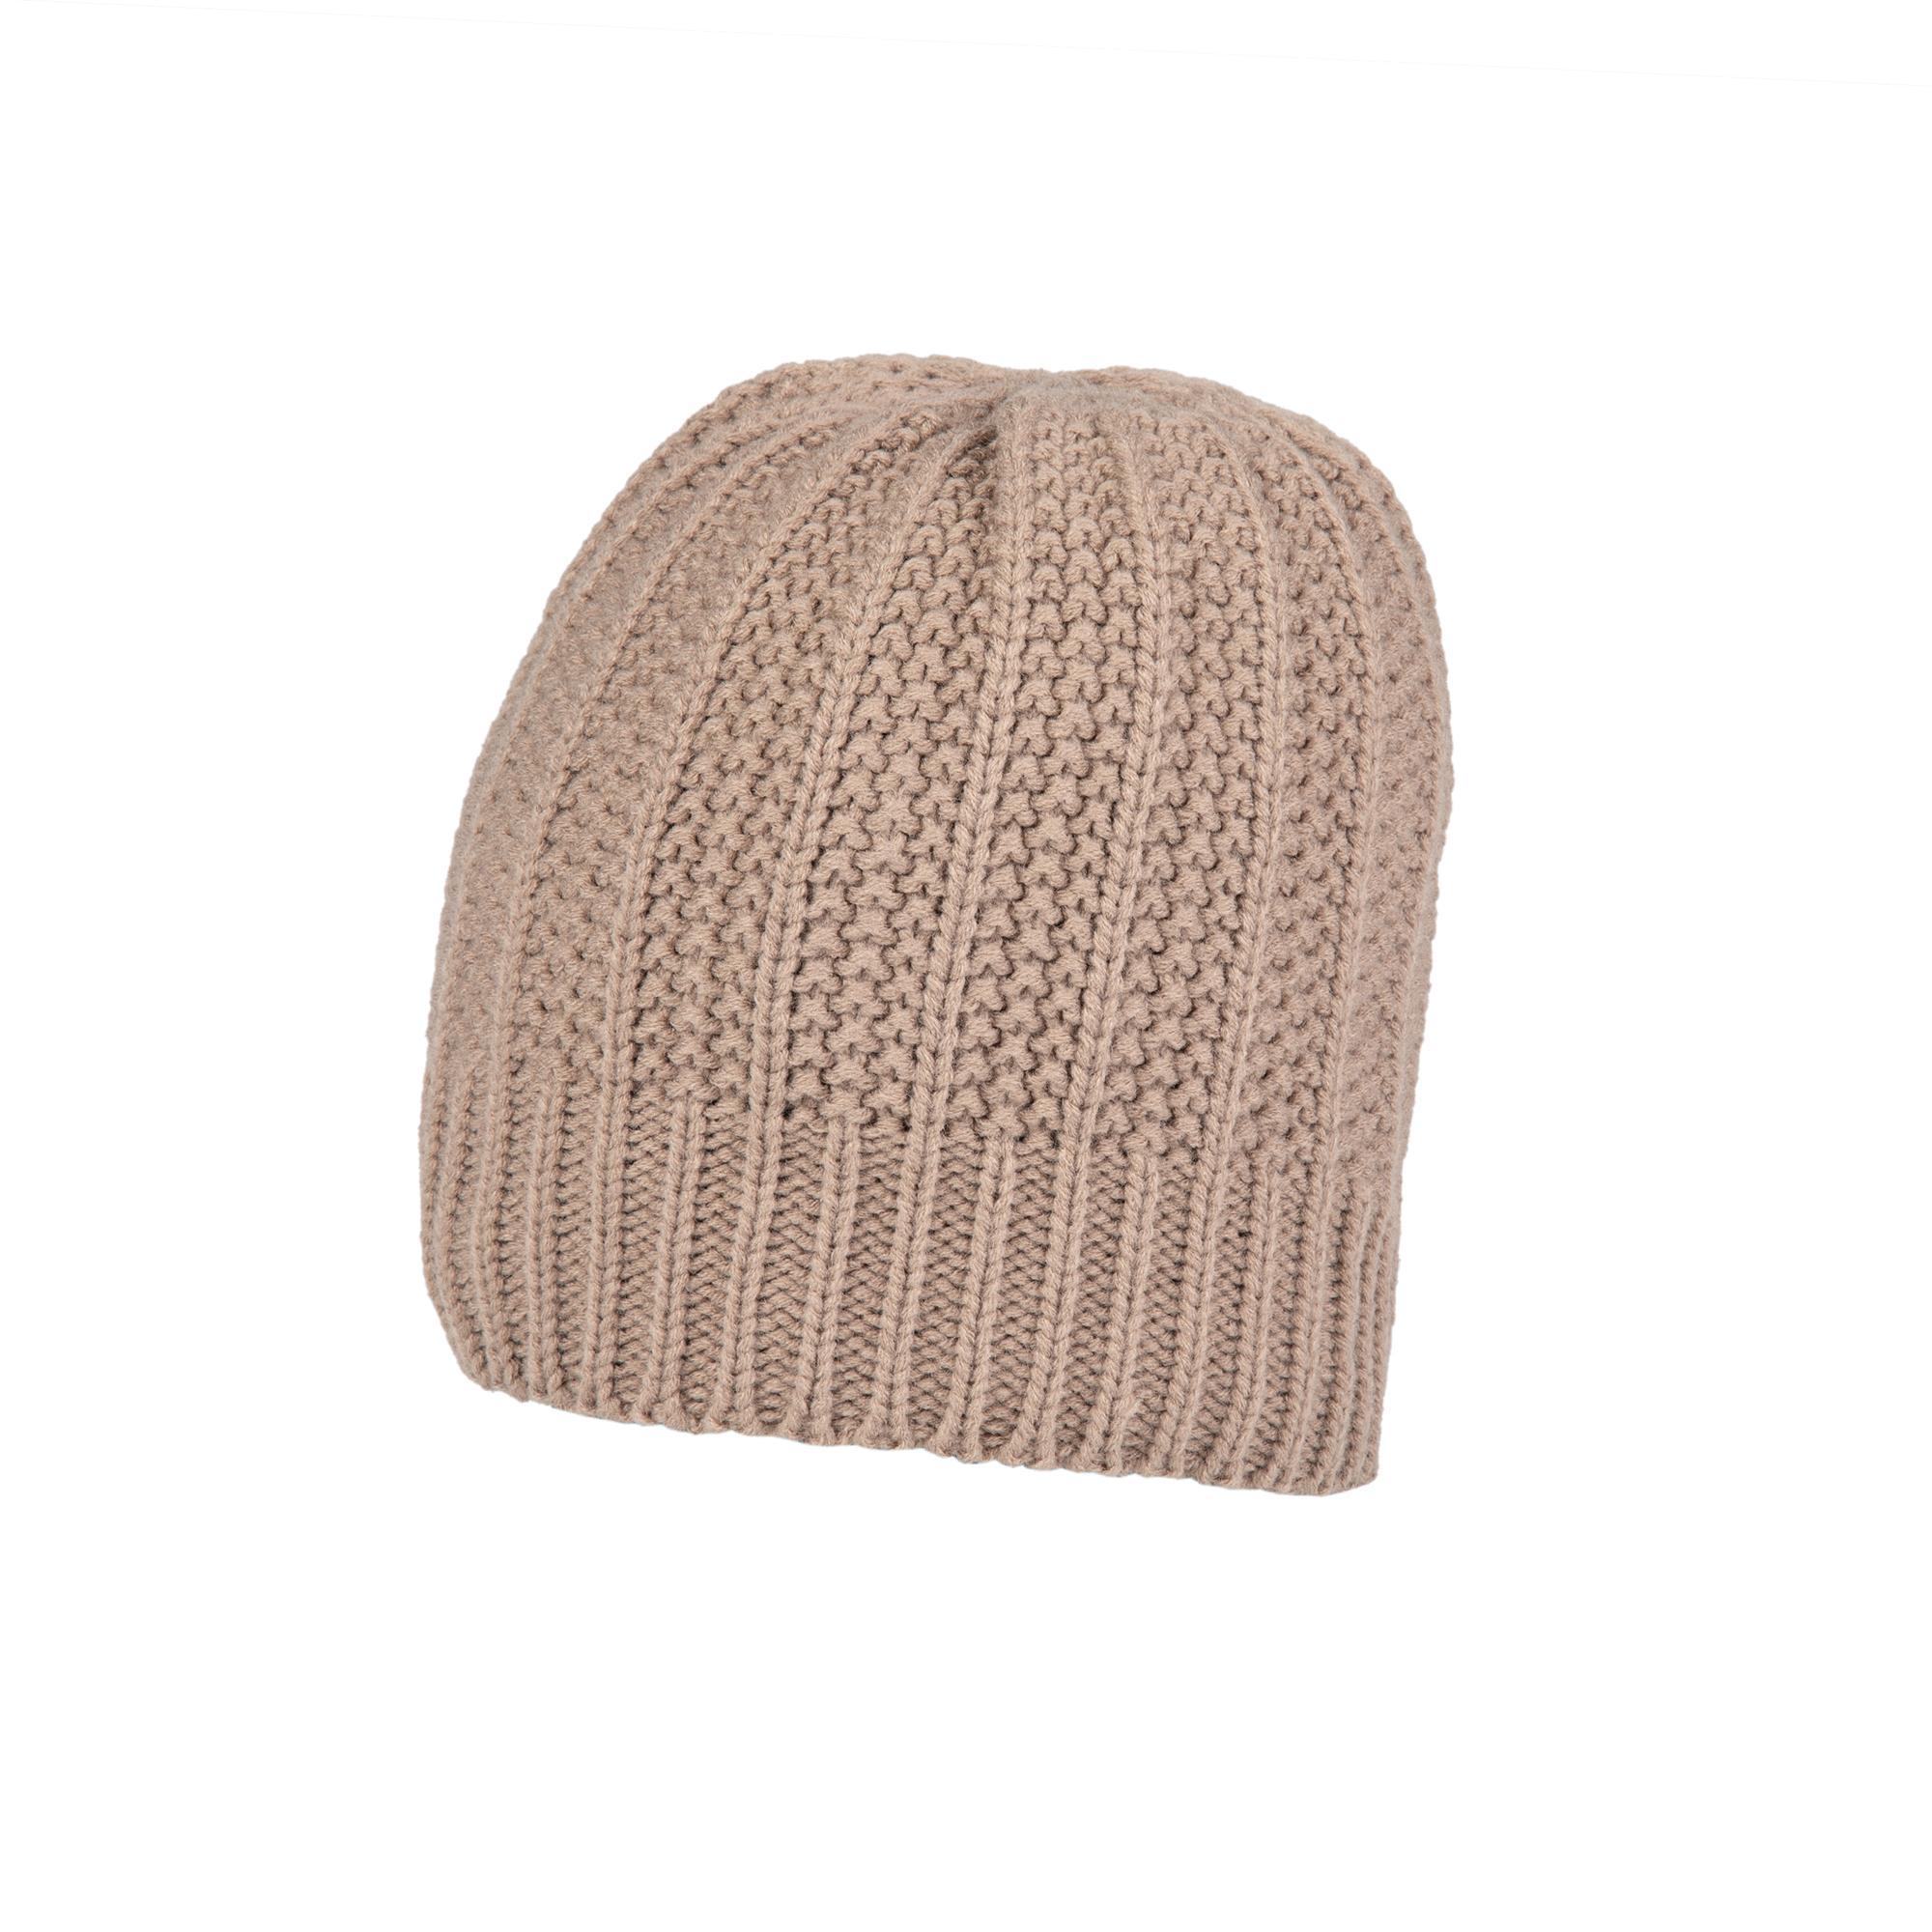 Cappello Recap Riso Beige Scuro